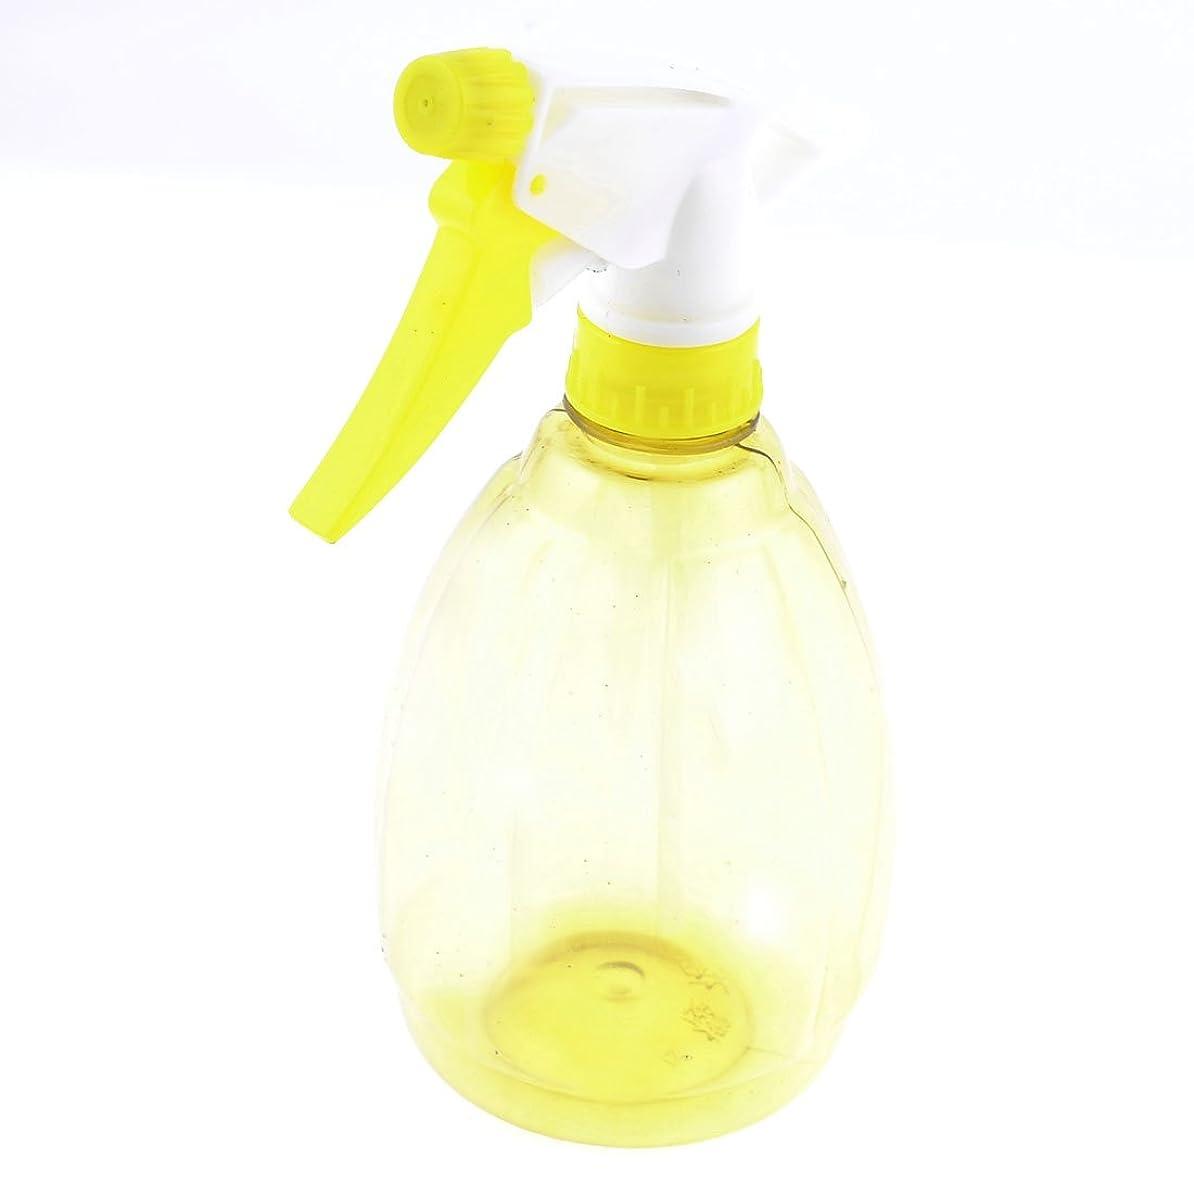 uxcell  トリガースプレーボトル ティアドロップシェイプ ホワイト イエロー プラスチック製